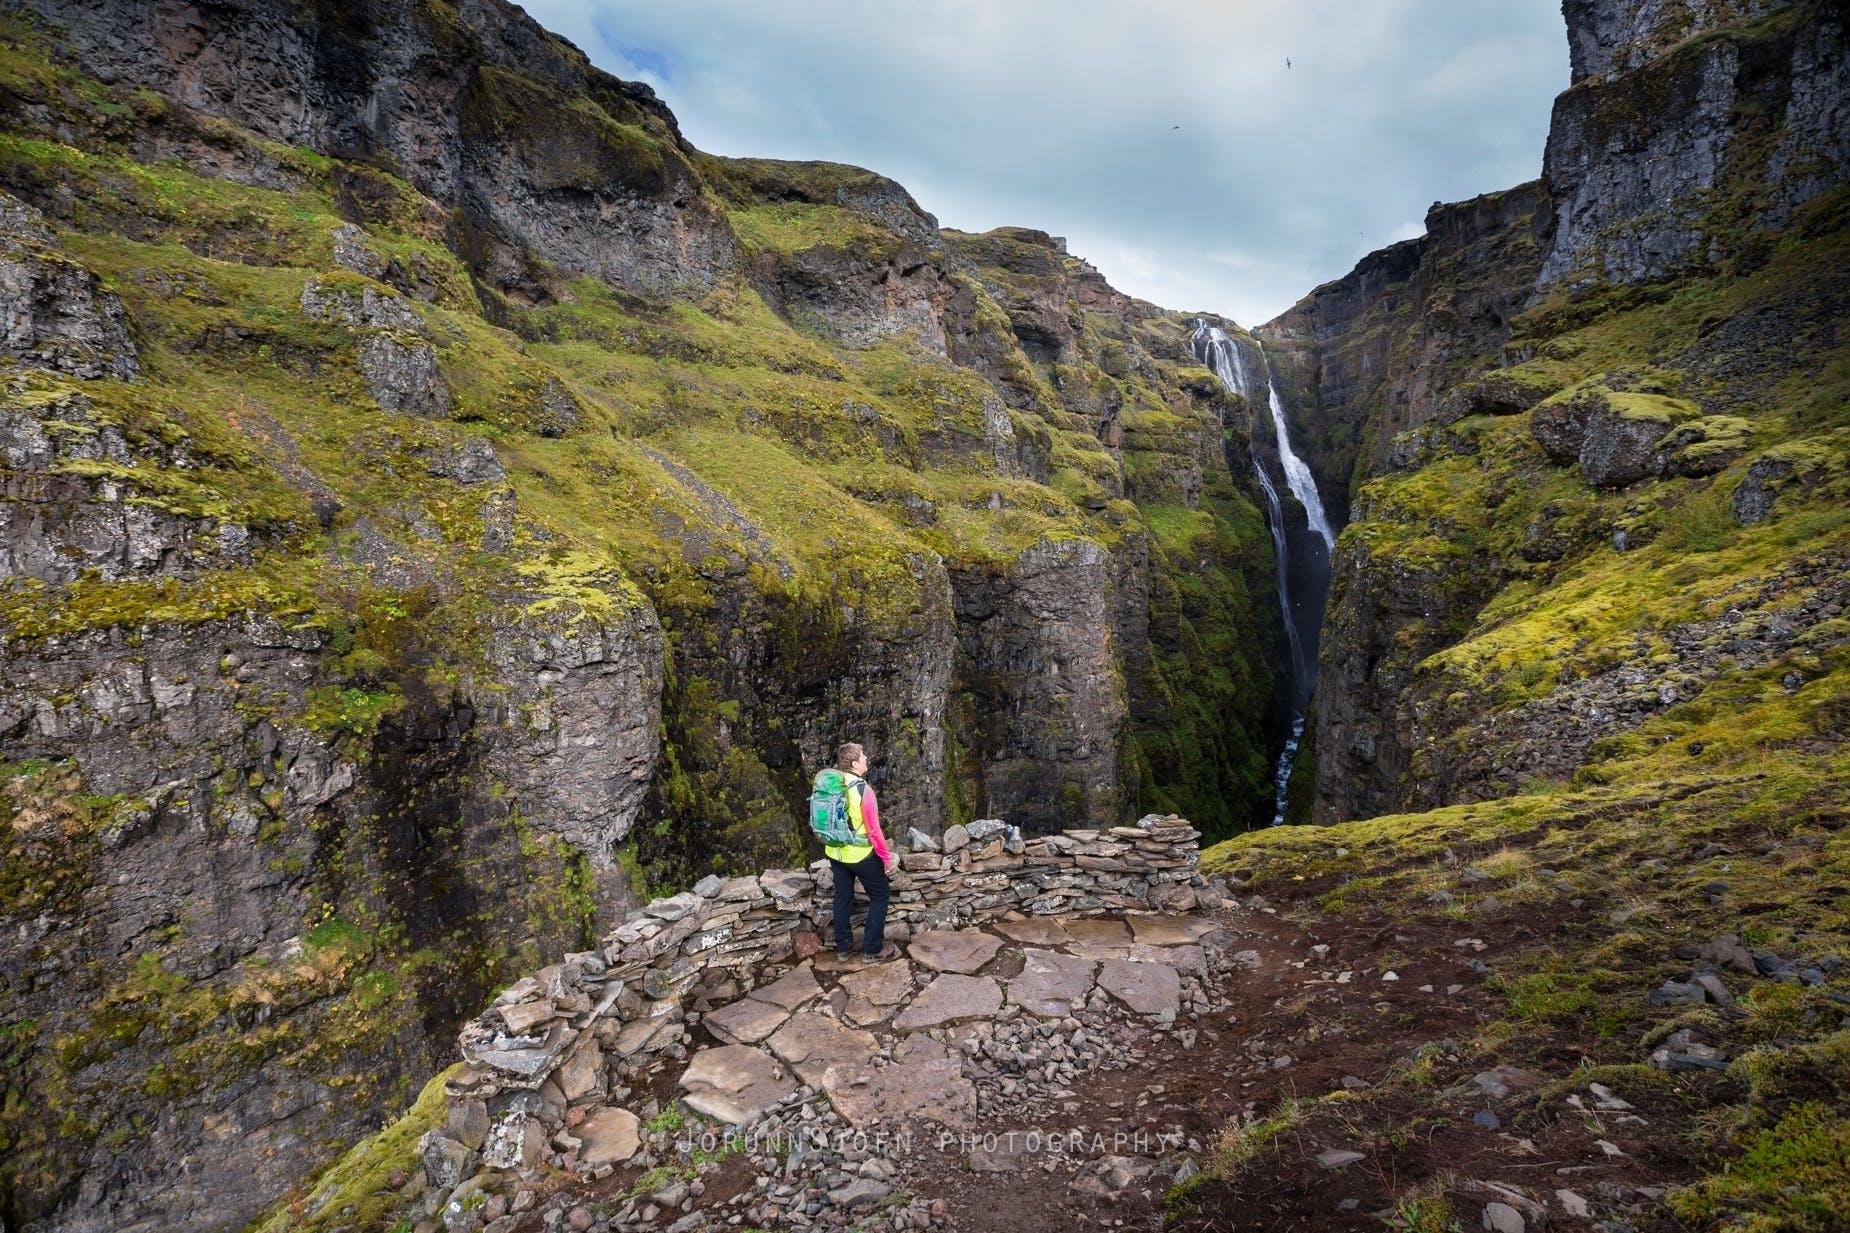 Glymur waterfall in Hvalfjörður fjord